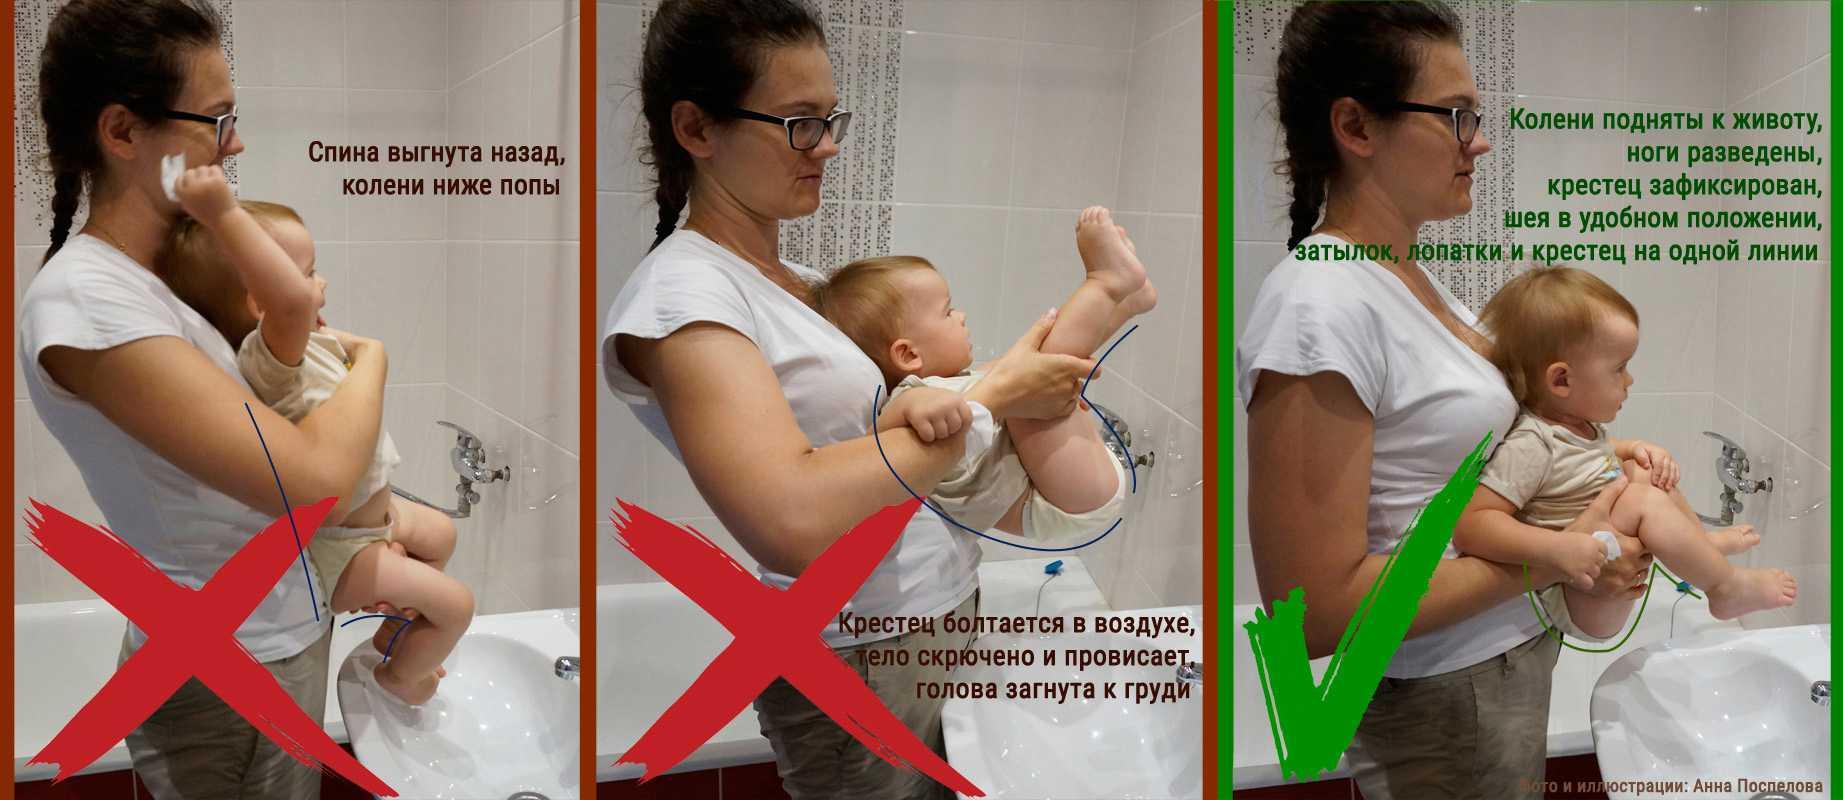 Доктор комаровский: когда можно присаживать девочек - что делать, если ребенок не сидит самостоятельно в 8 месяцев